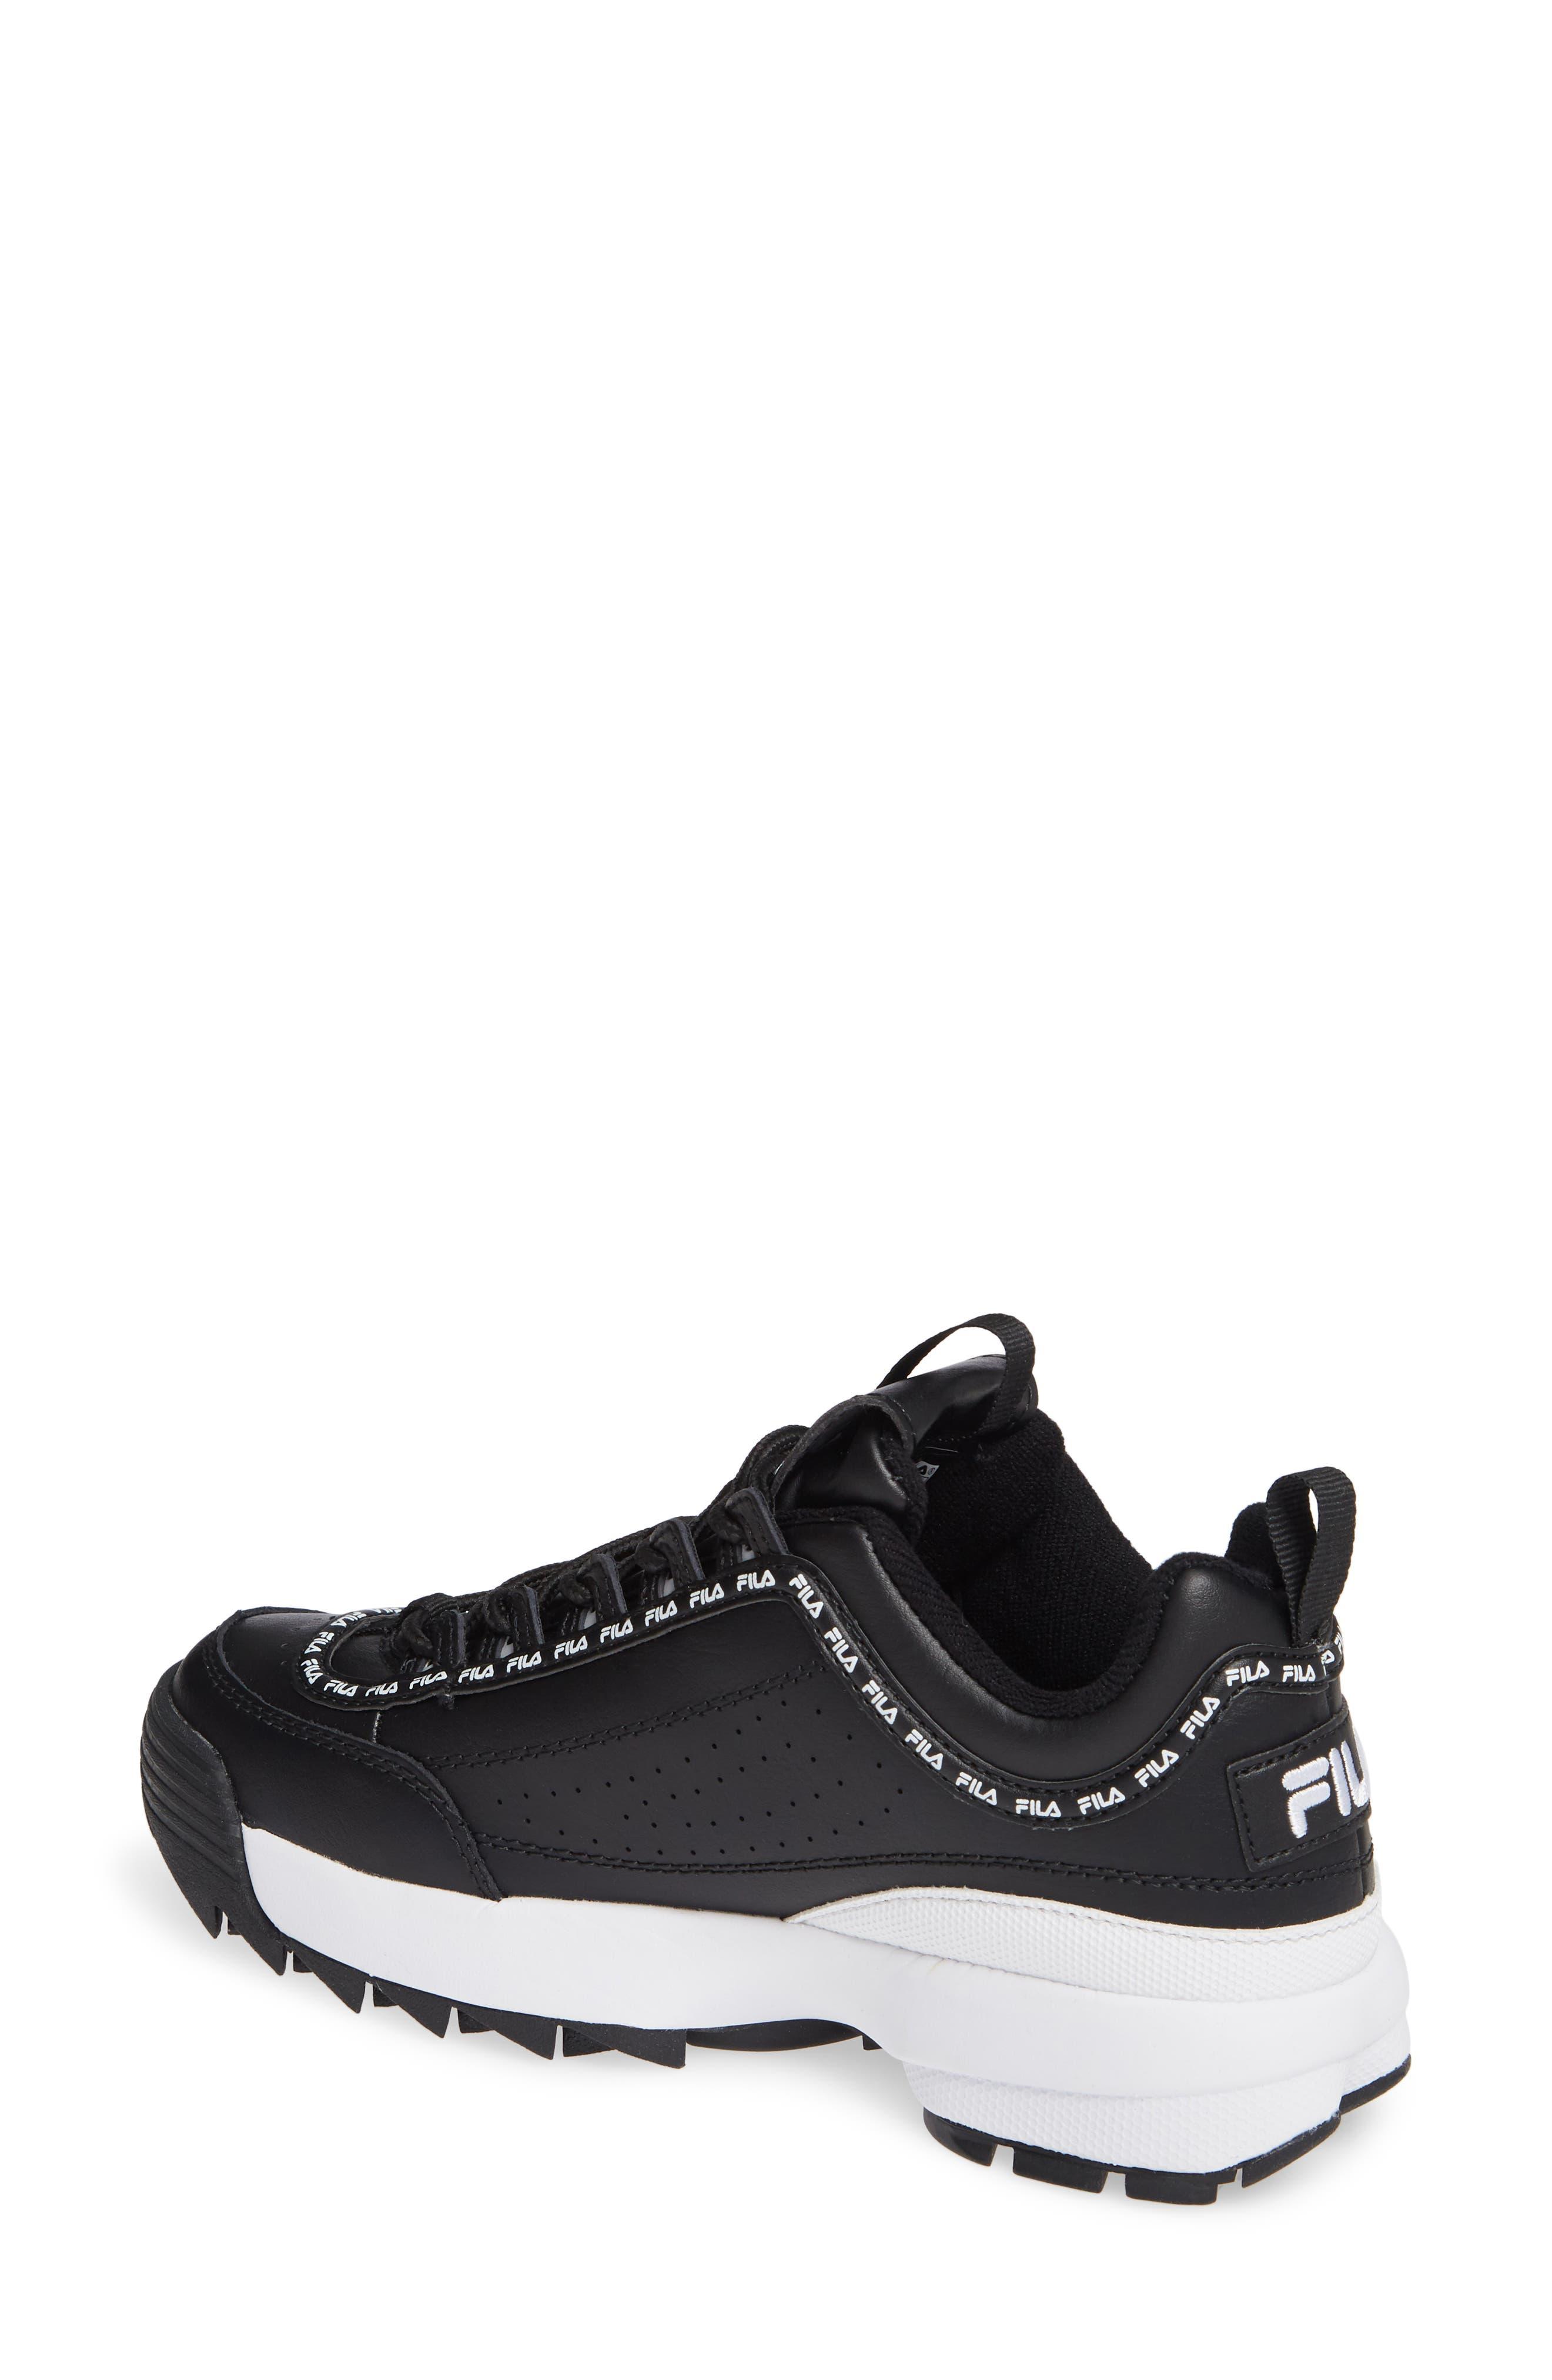 80bea848bea4 Women s FILA Fashion Trends  Shoes